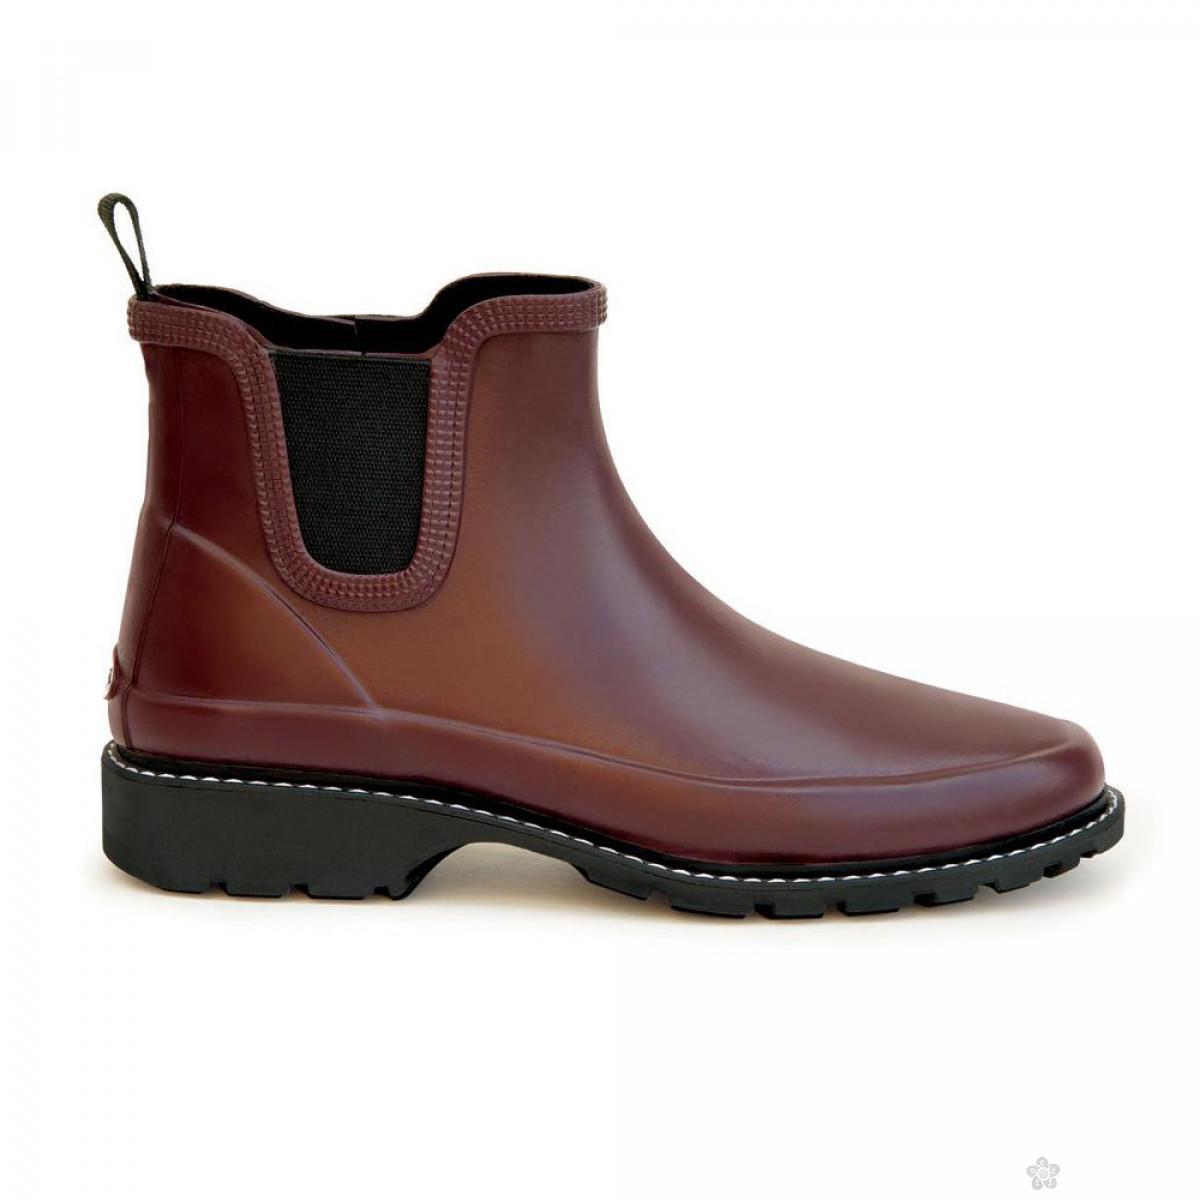 Ženske cipele-gumene bordo